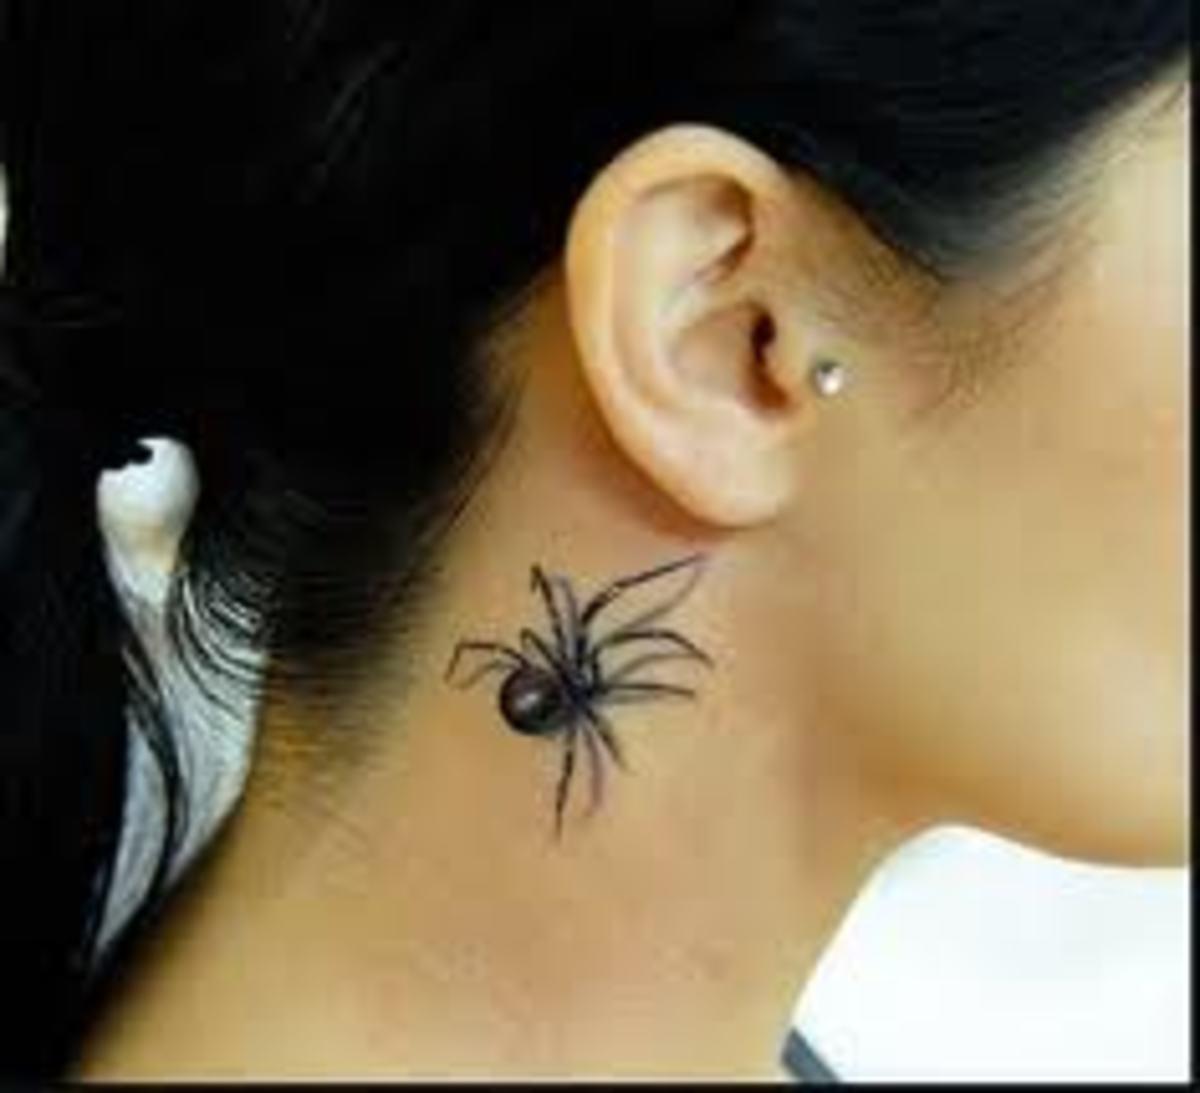 Spider under ear